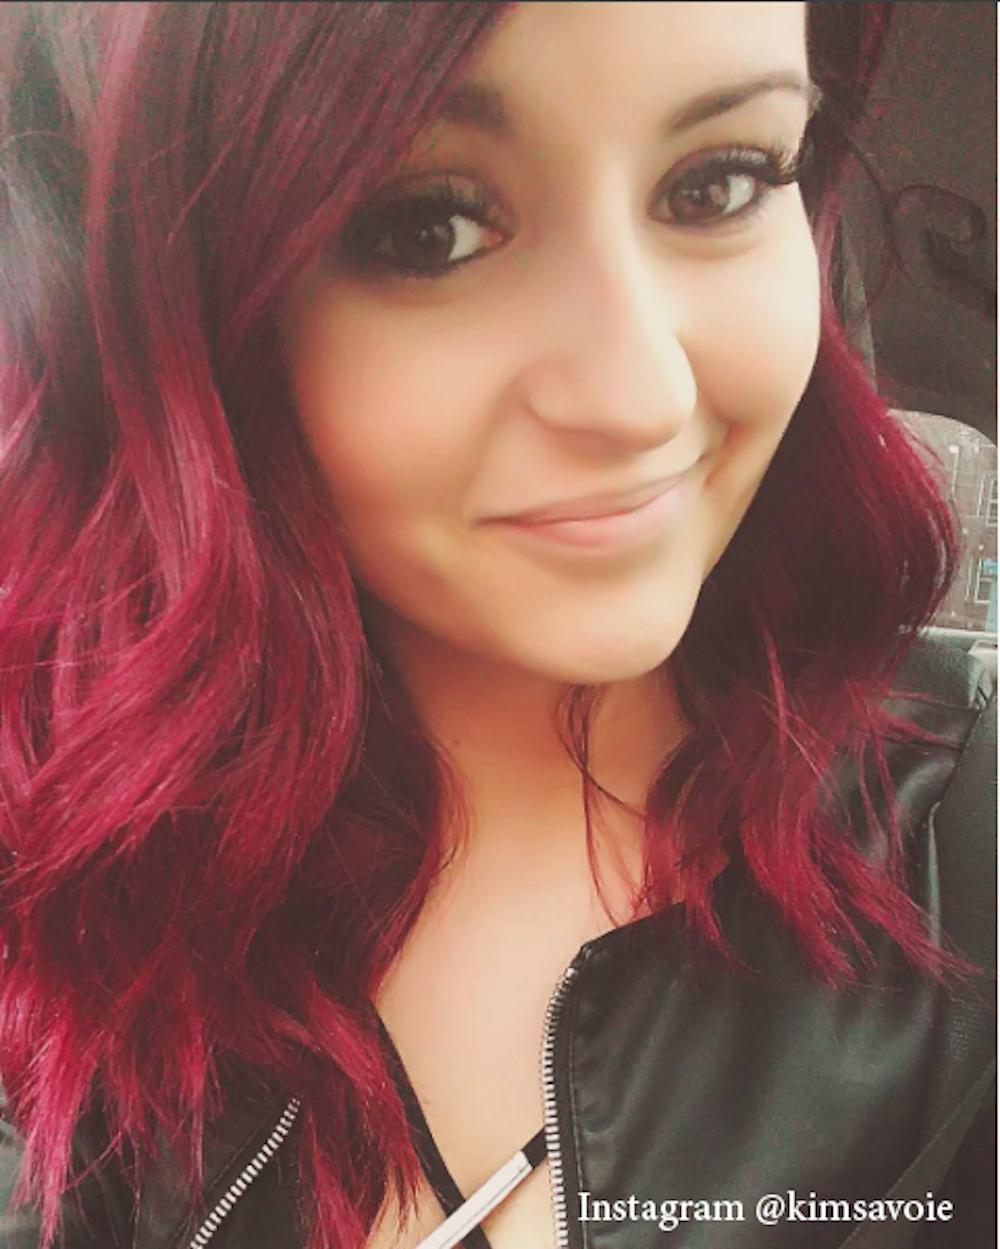 1. Розовый цвет волос